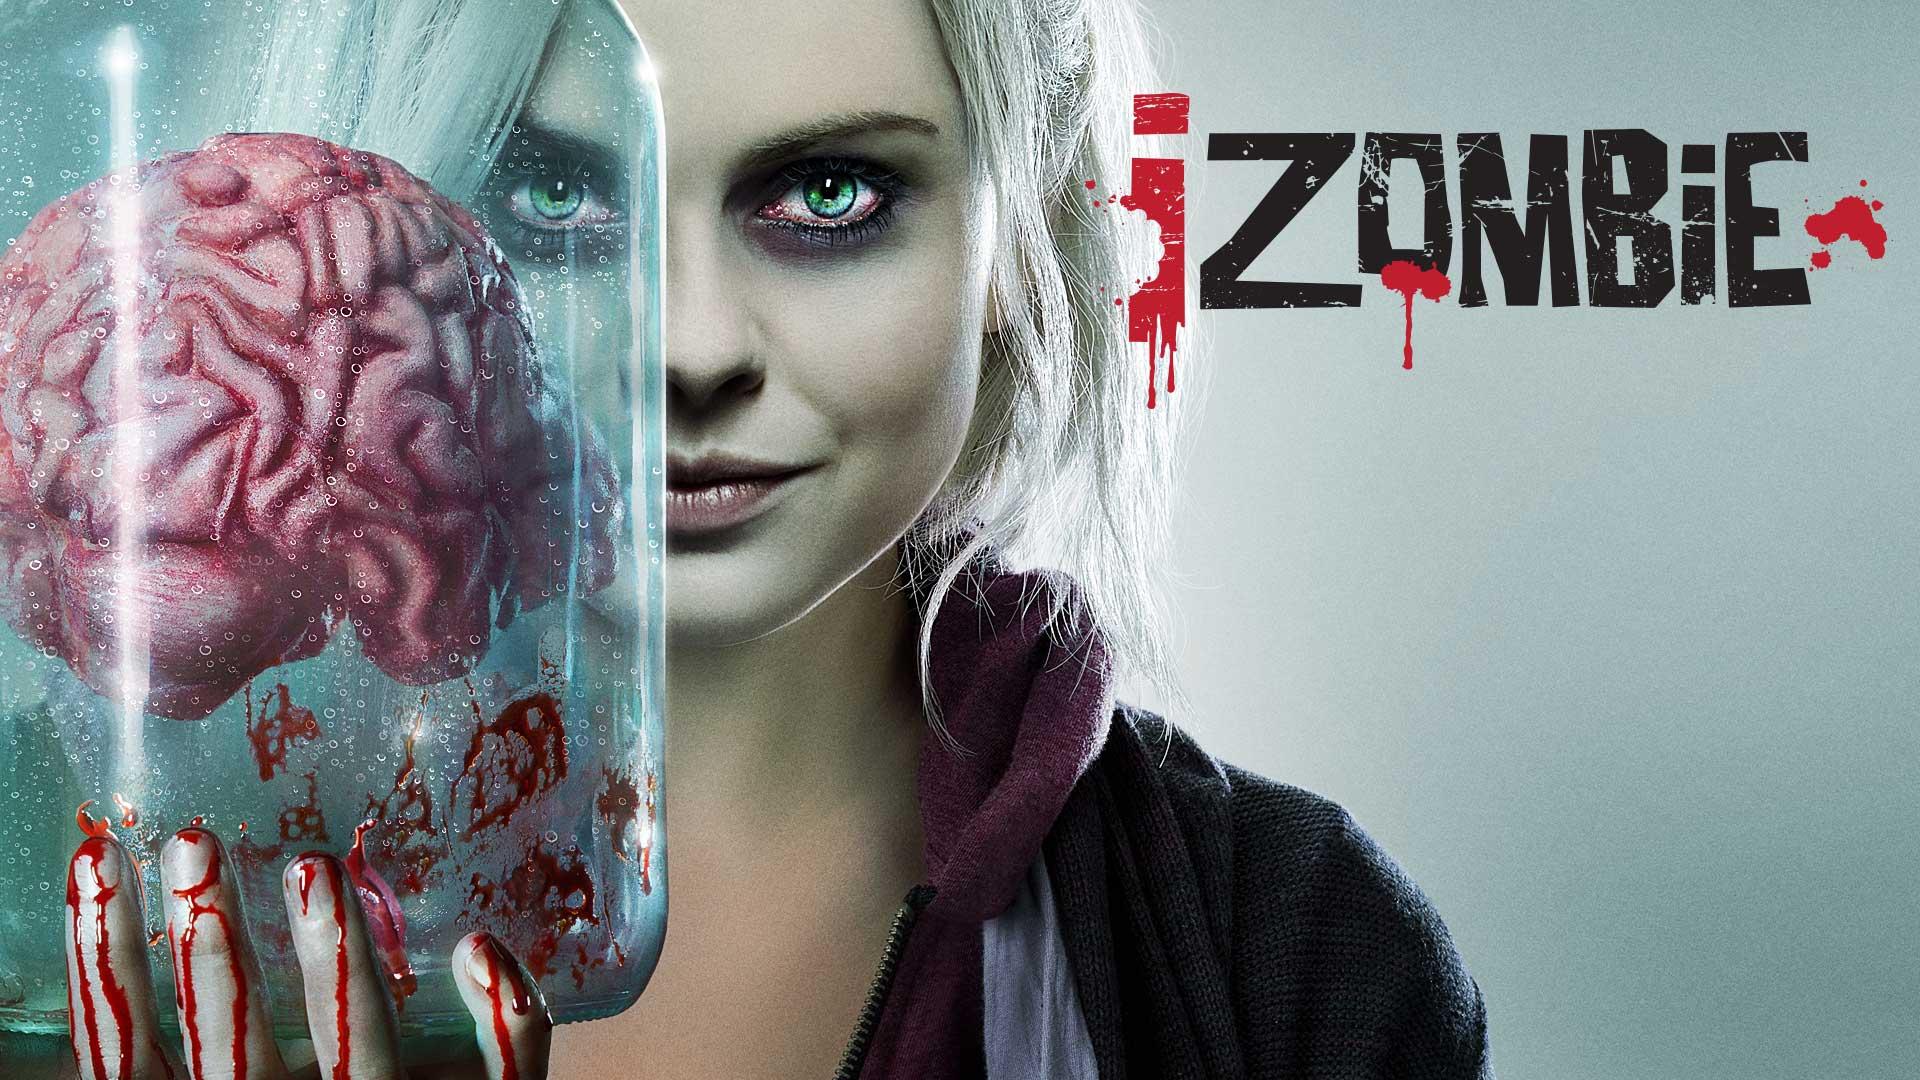 Las series iZombie y The Originals volvieron a ser renovadas